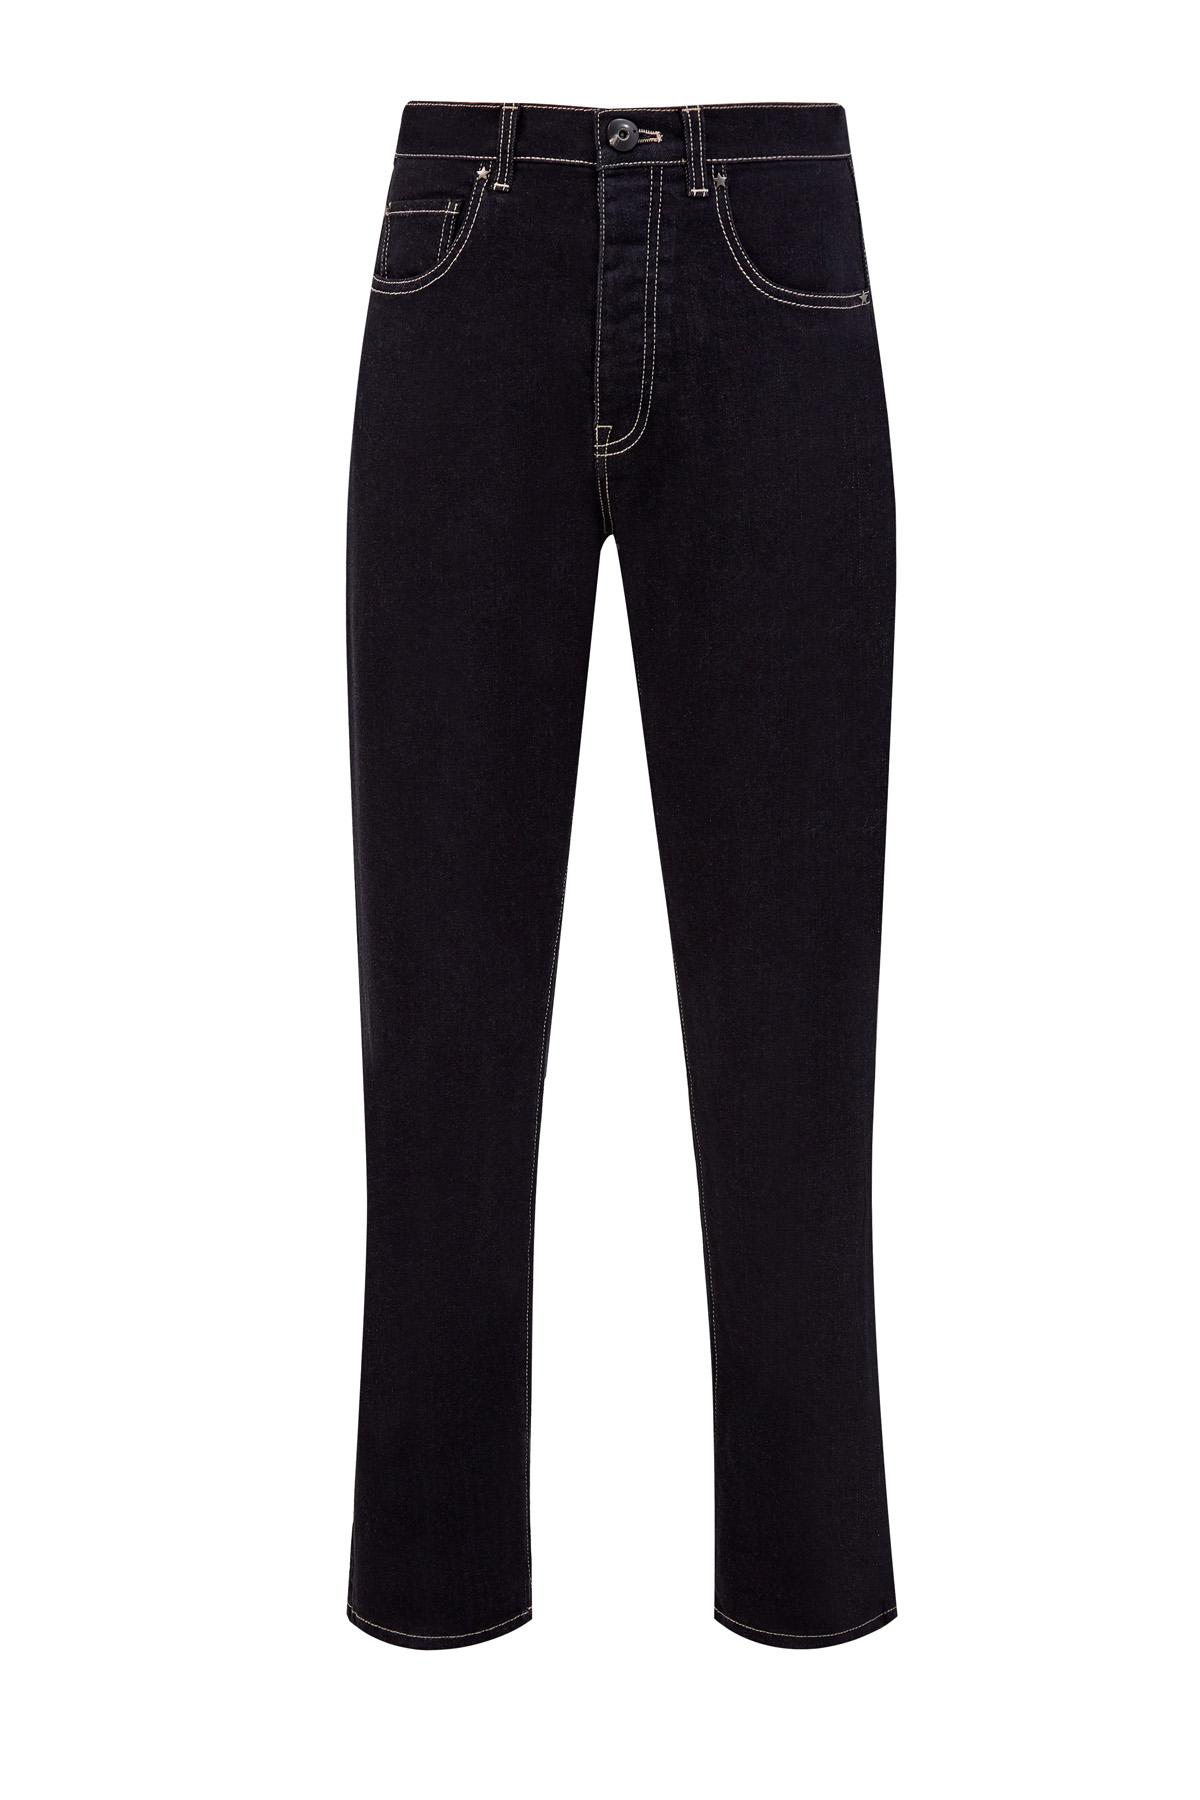 Прямые джинсы из денима-stretch с фурнитурой в виде звезд